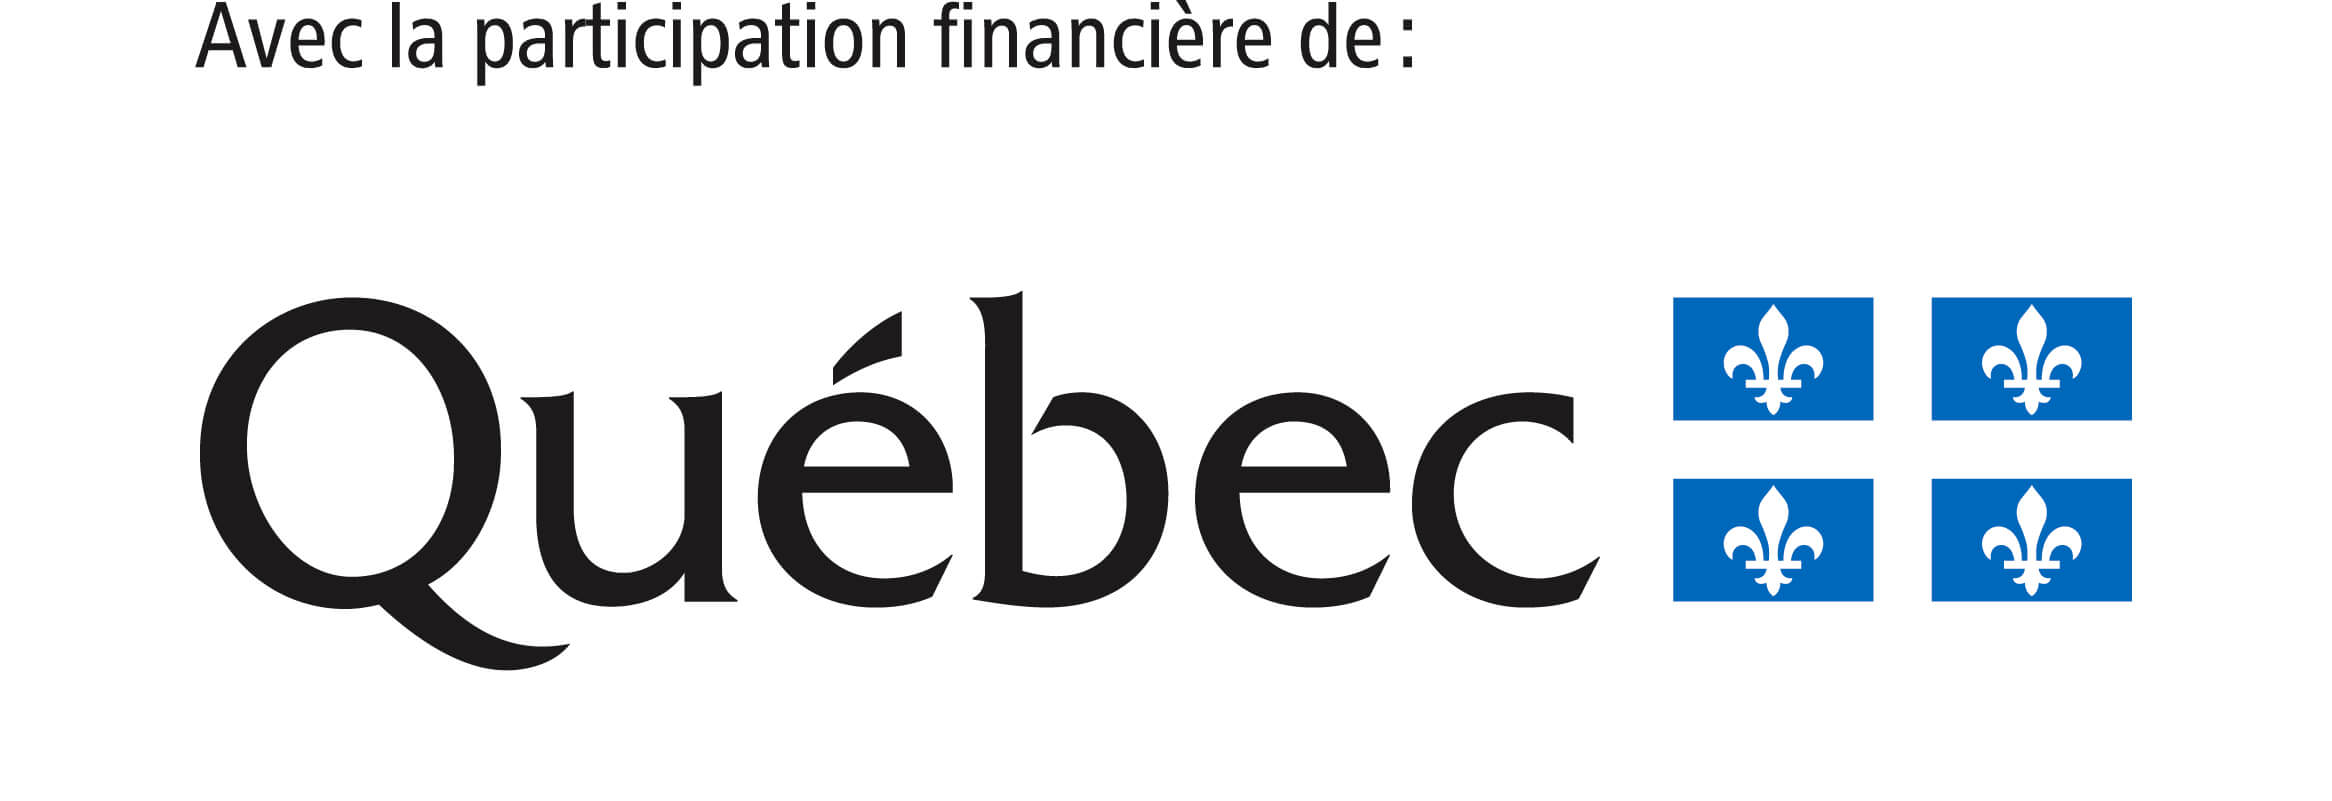 Gouvernement du Québec Formation Journalier Ouvrier d'usine manoeuvre Rivère-du-Loup Kamouraska CFPPA Pavillon-de-L'avenir Centre professionnel métier usine production fabrication